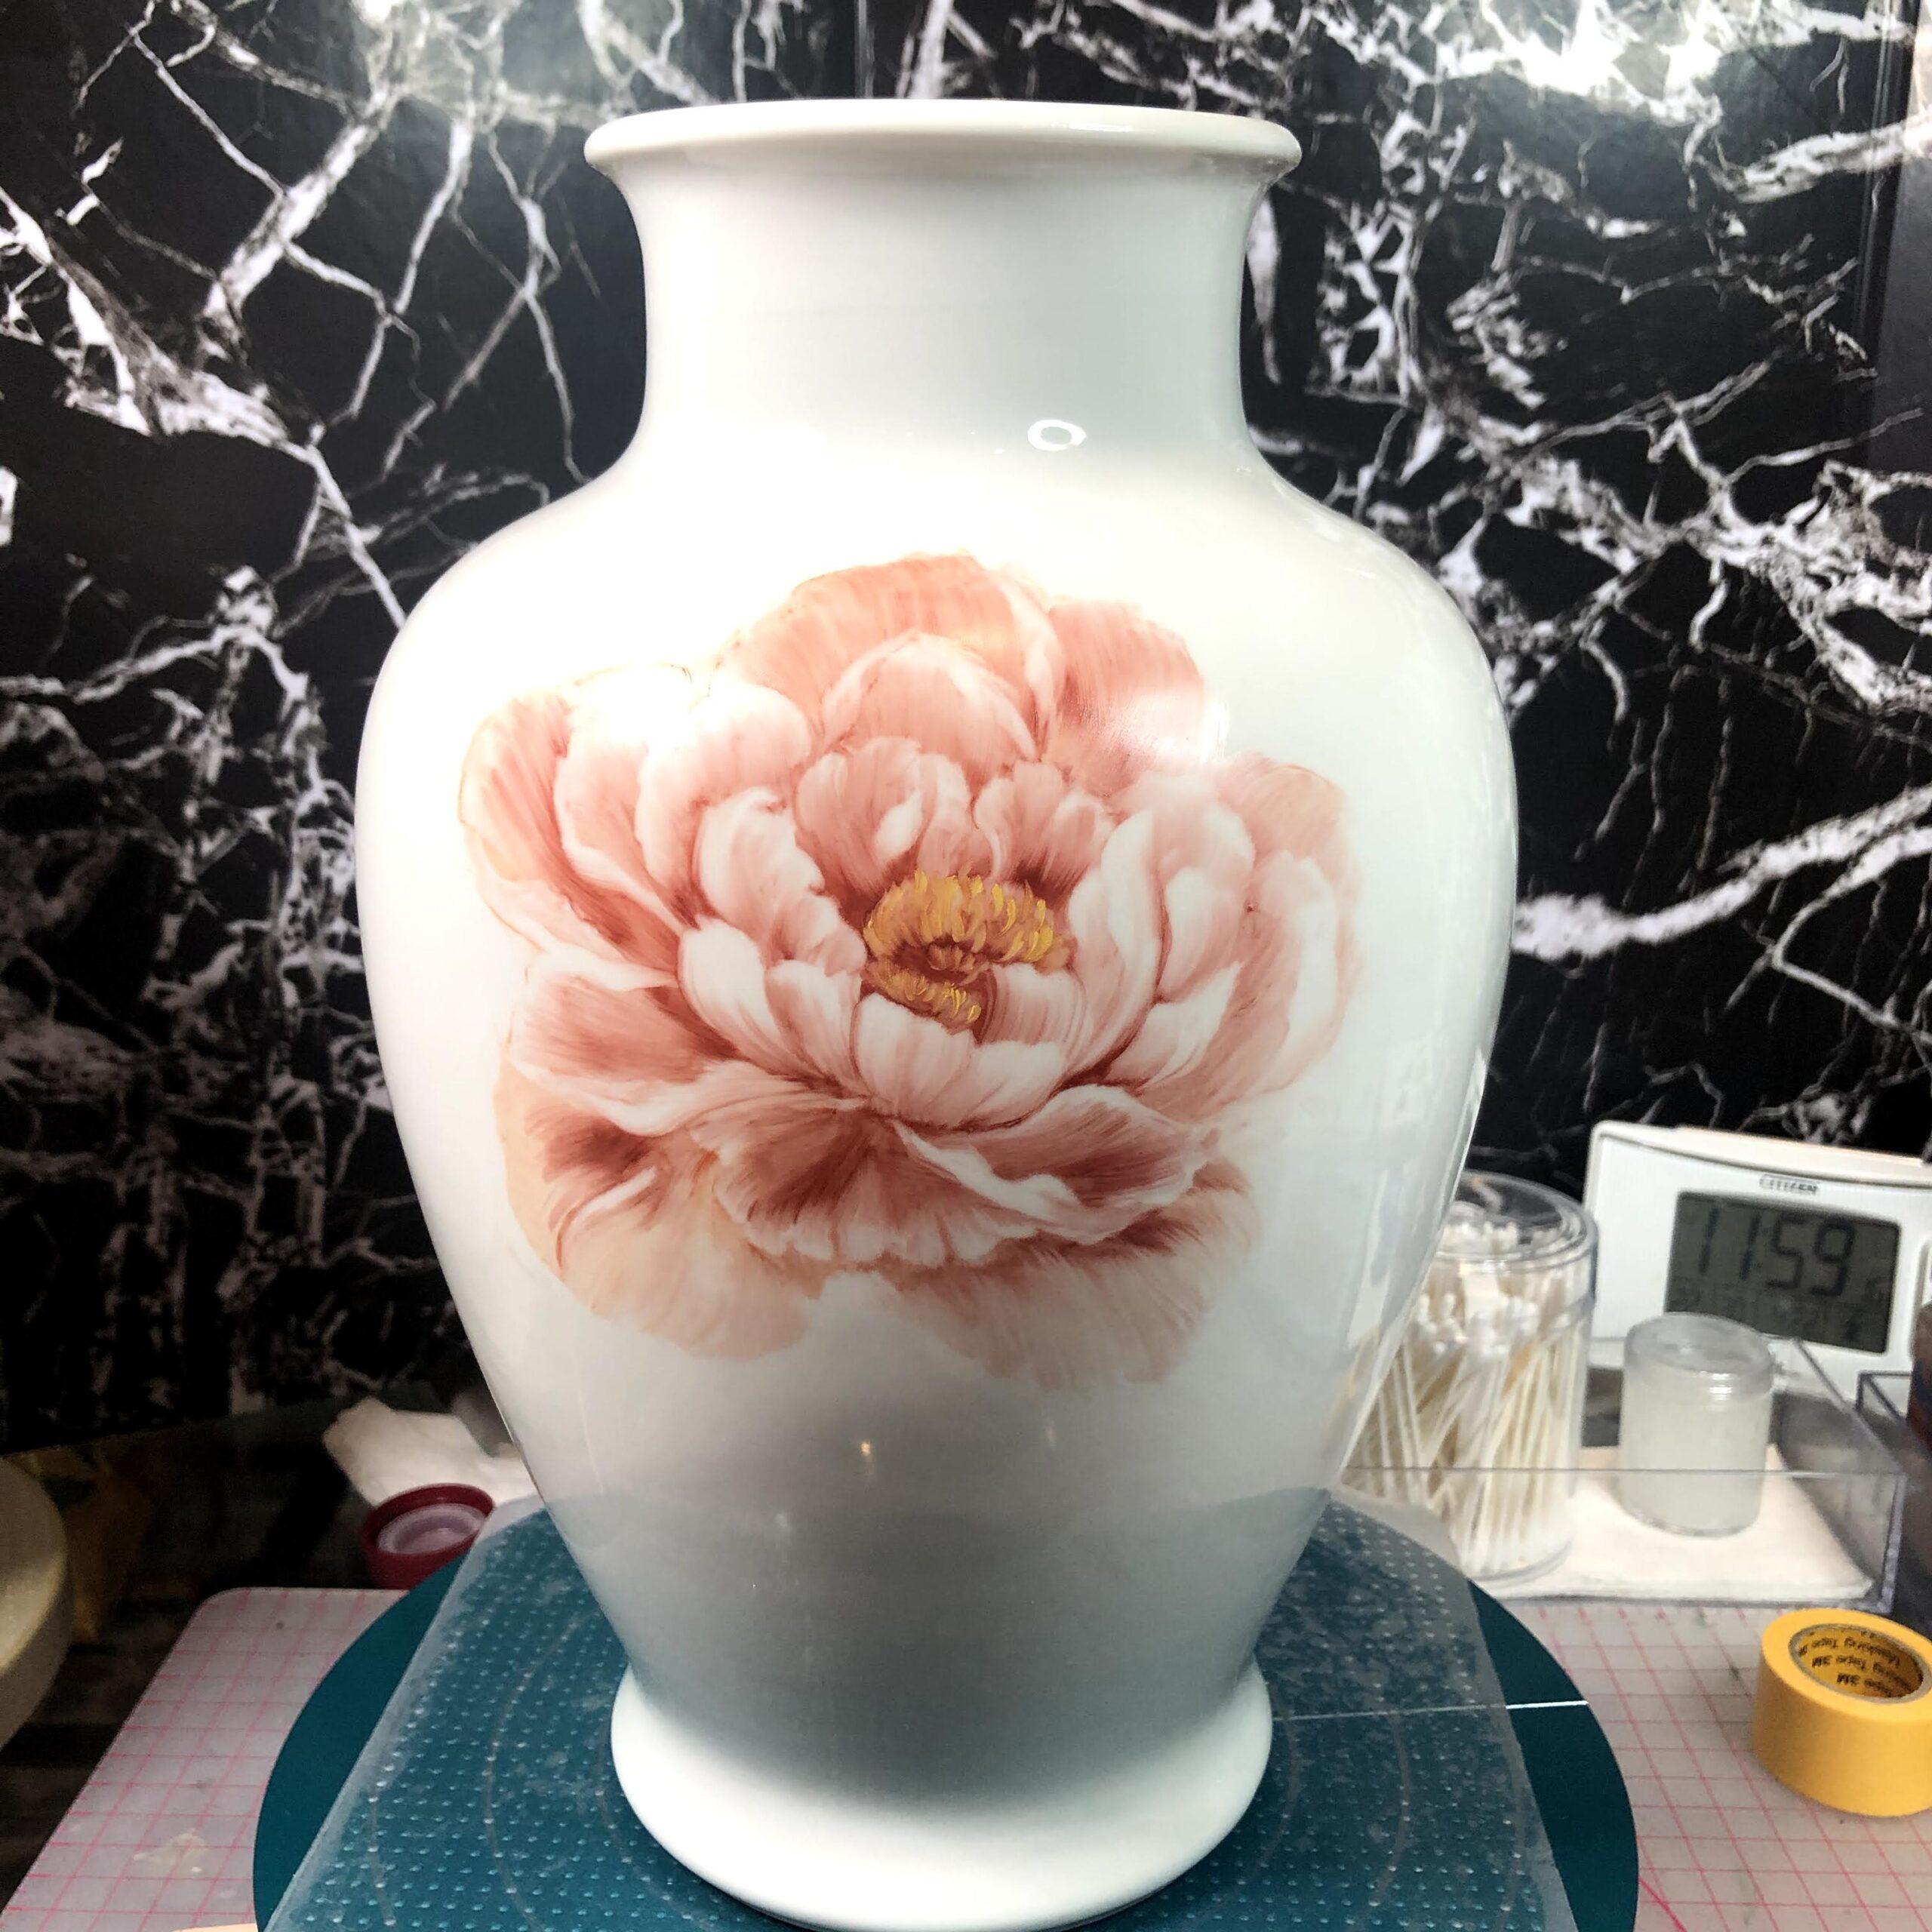 雑談【花道は自分で創る】〜3ヶ月で600時間の絵付け練習をします